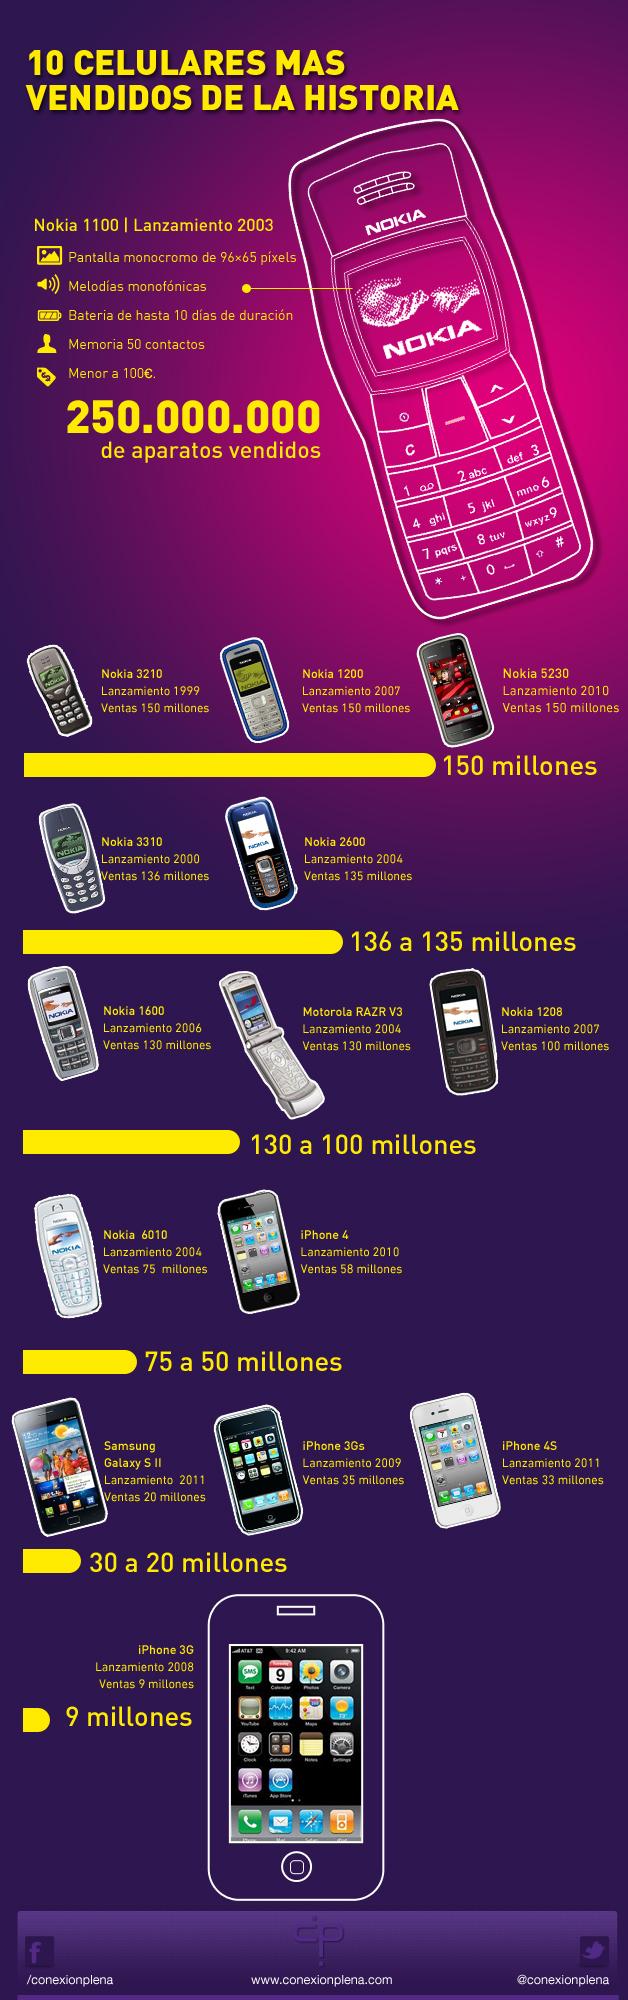 móviles mas vendidos